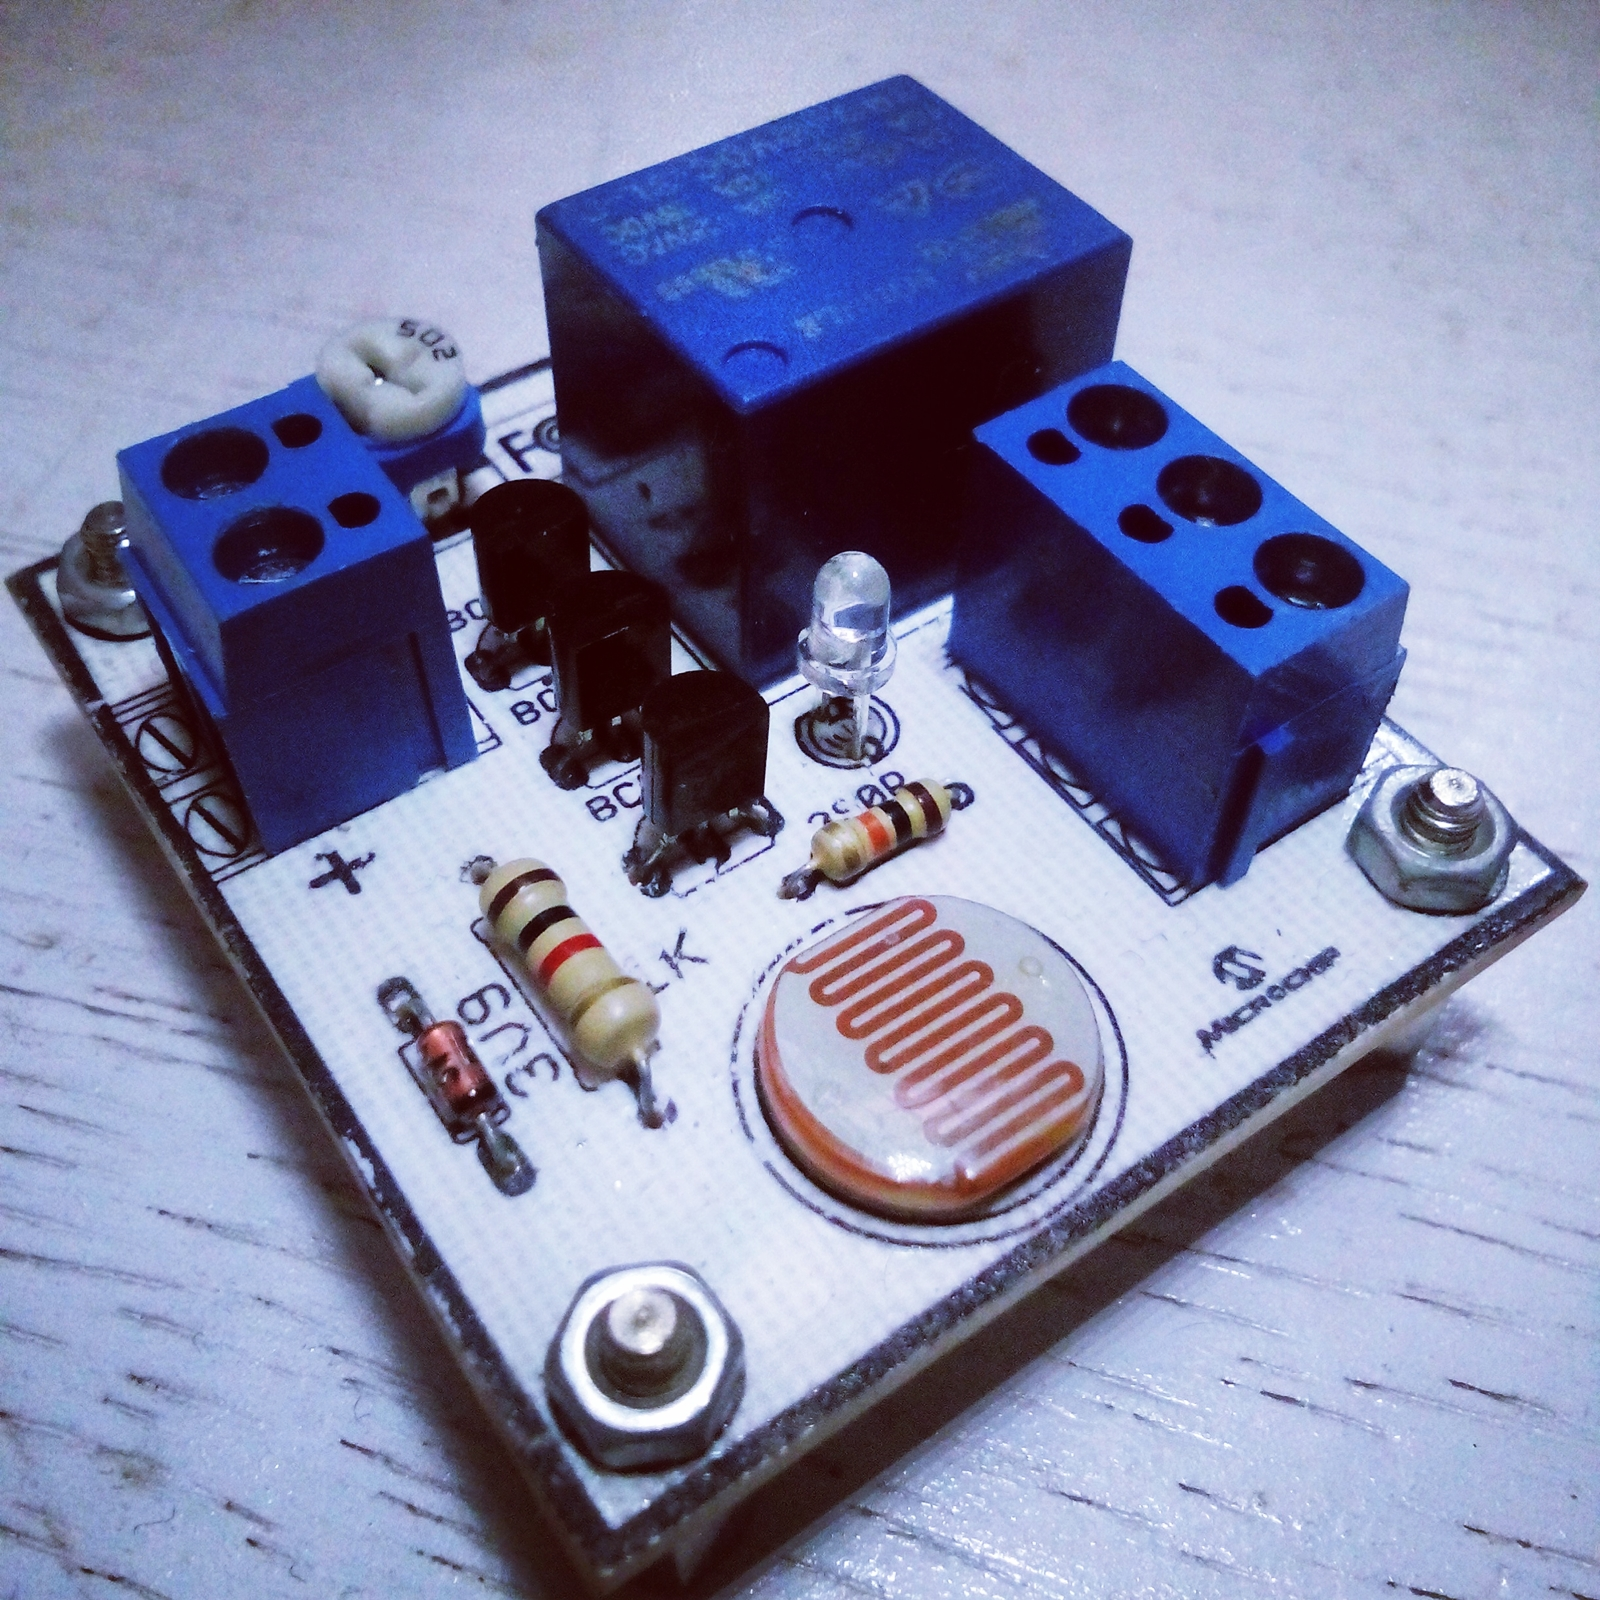 Rangkaian saklar lampu otomatis menggunakan sensor ldr